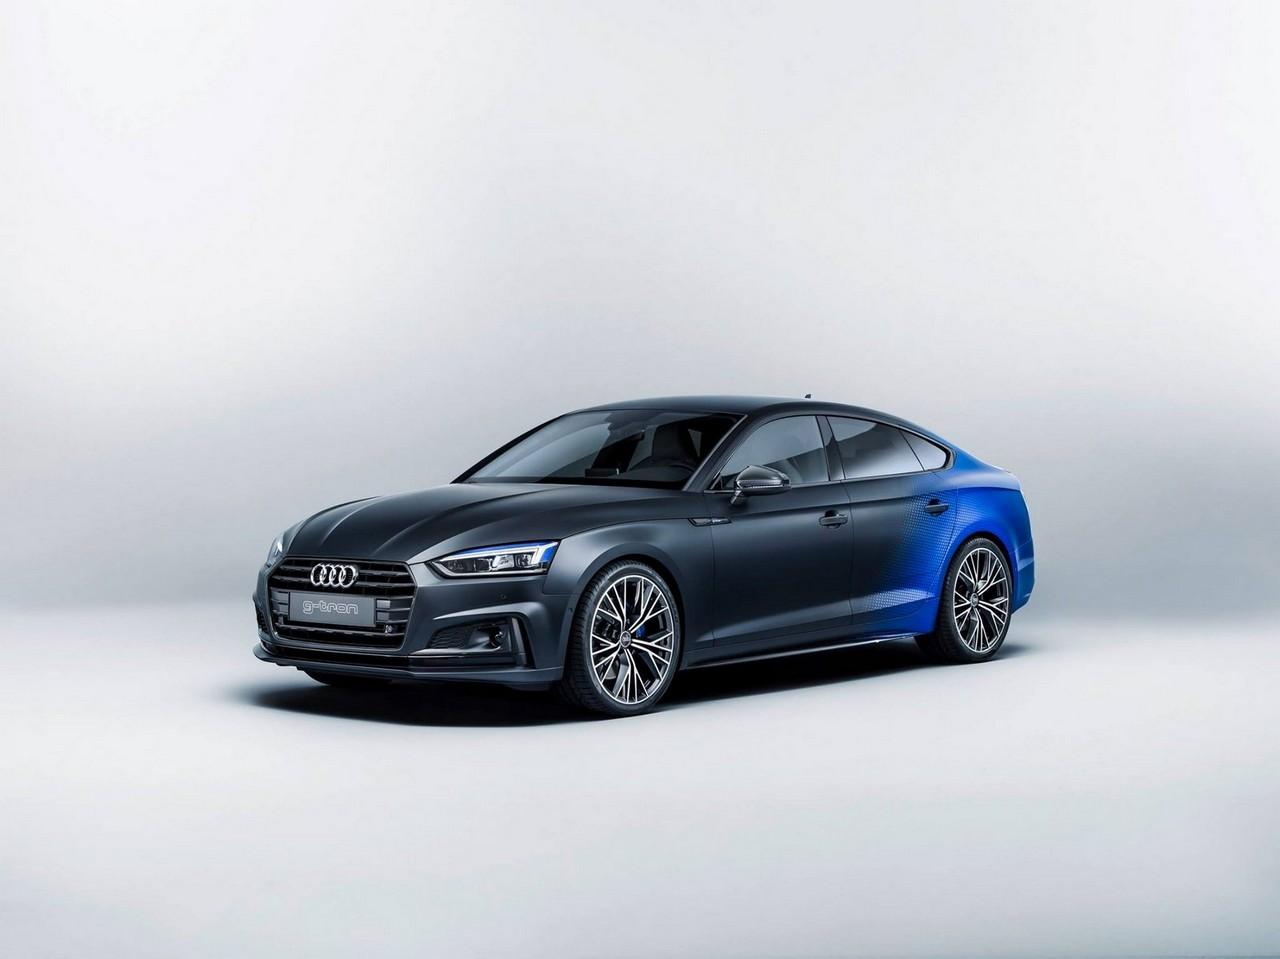 audi-a5-sportback-g-tron-concept 1